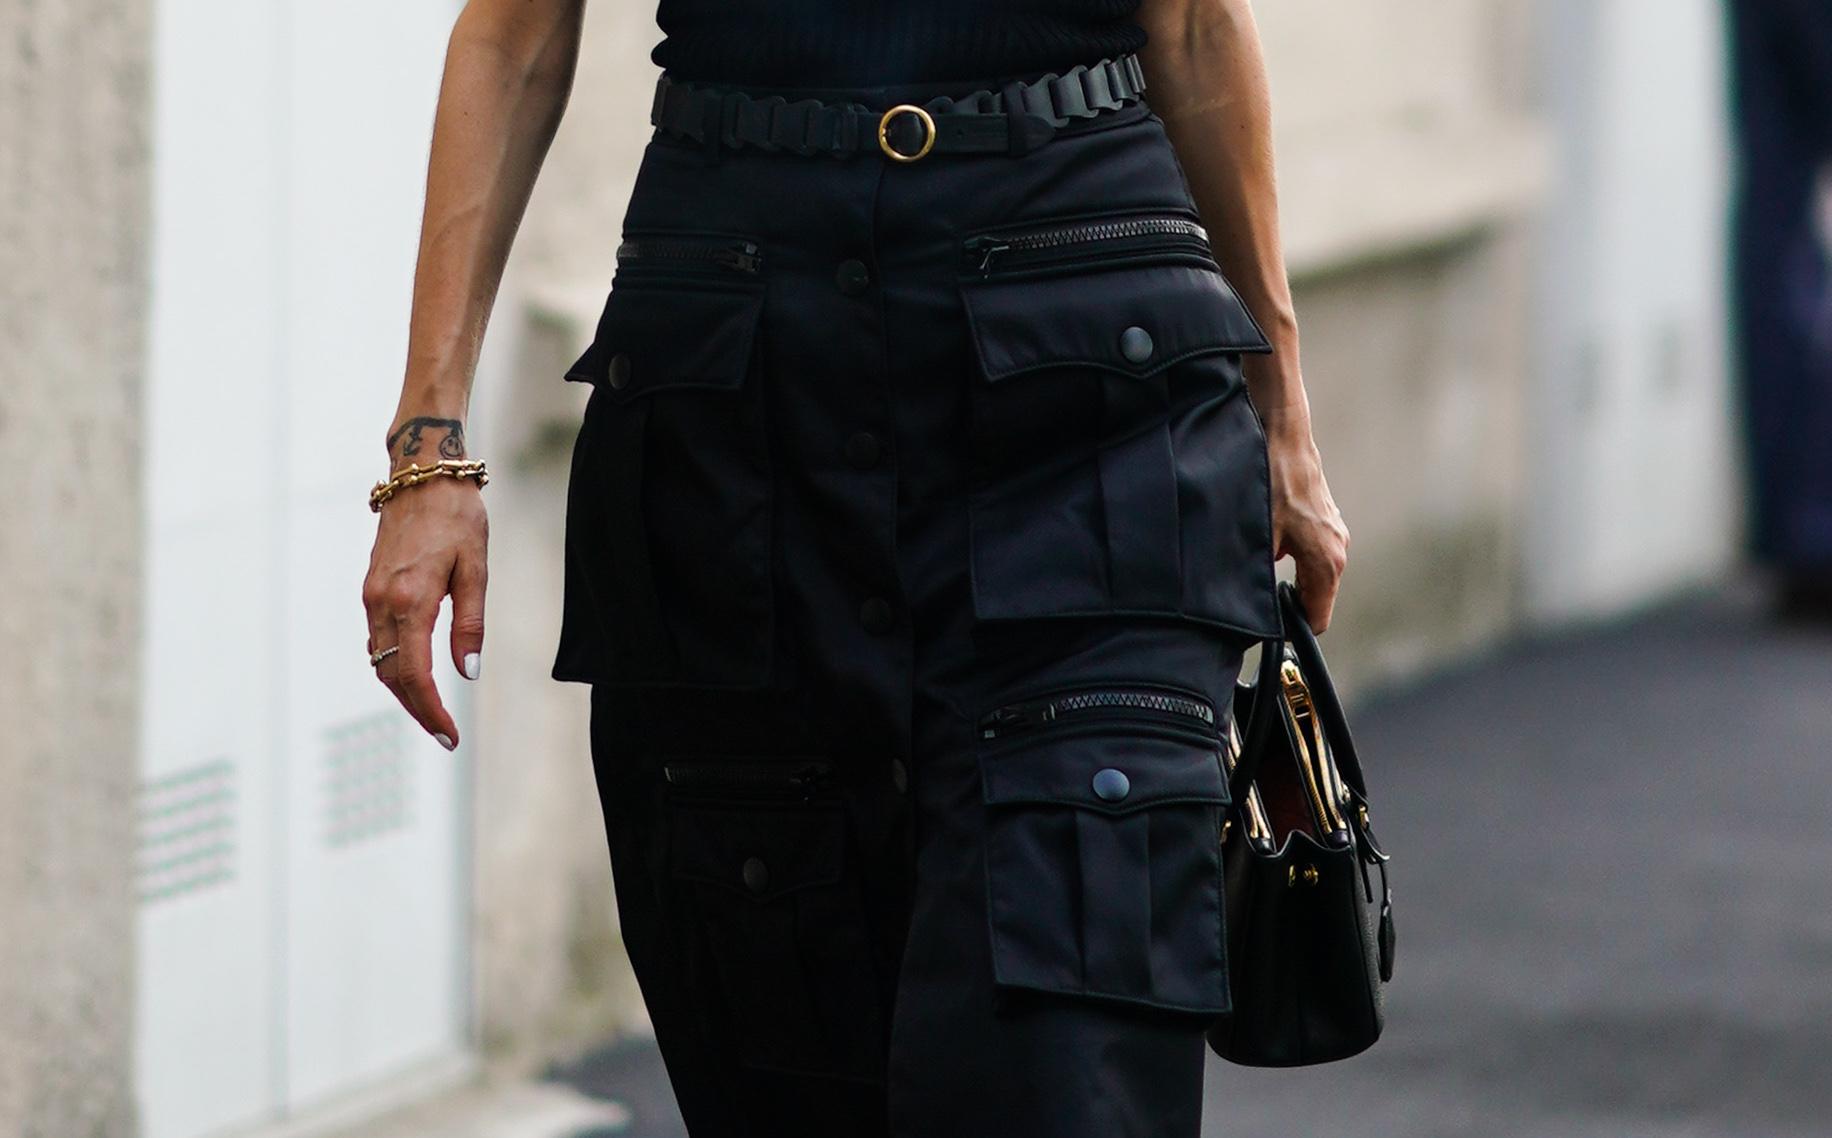 ブラックスタイルにはゴールドが映える! ブレスレットやリングなどのアクセサリーはもちろんのこと、ベルトのバックルやバッグのデザインに至るまで、ゴールド使いが光っている。